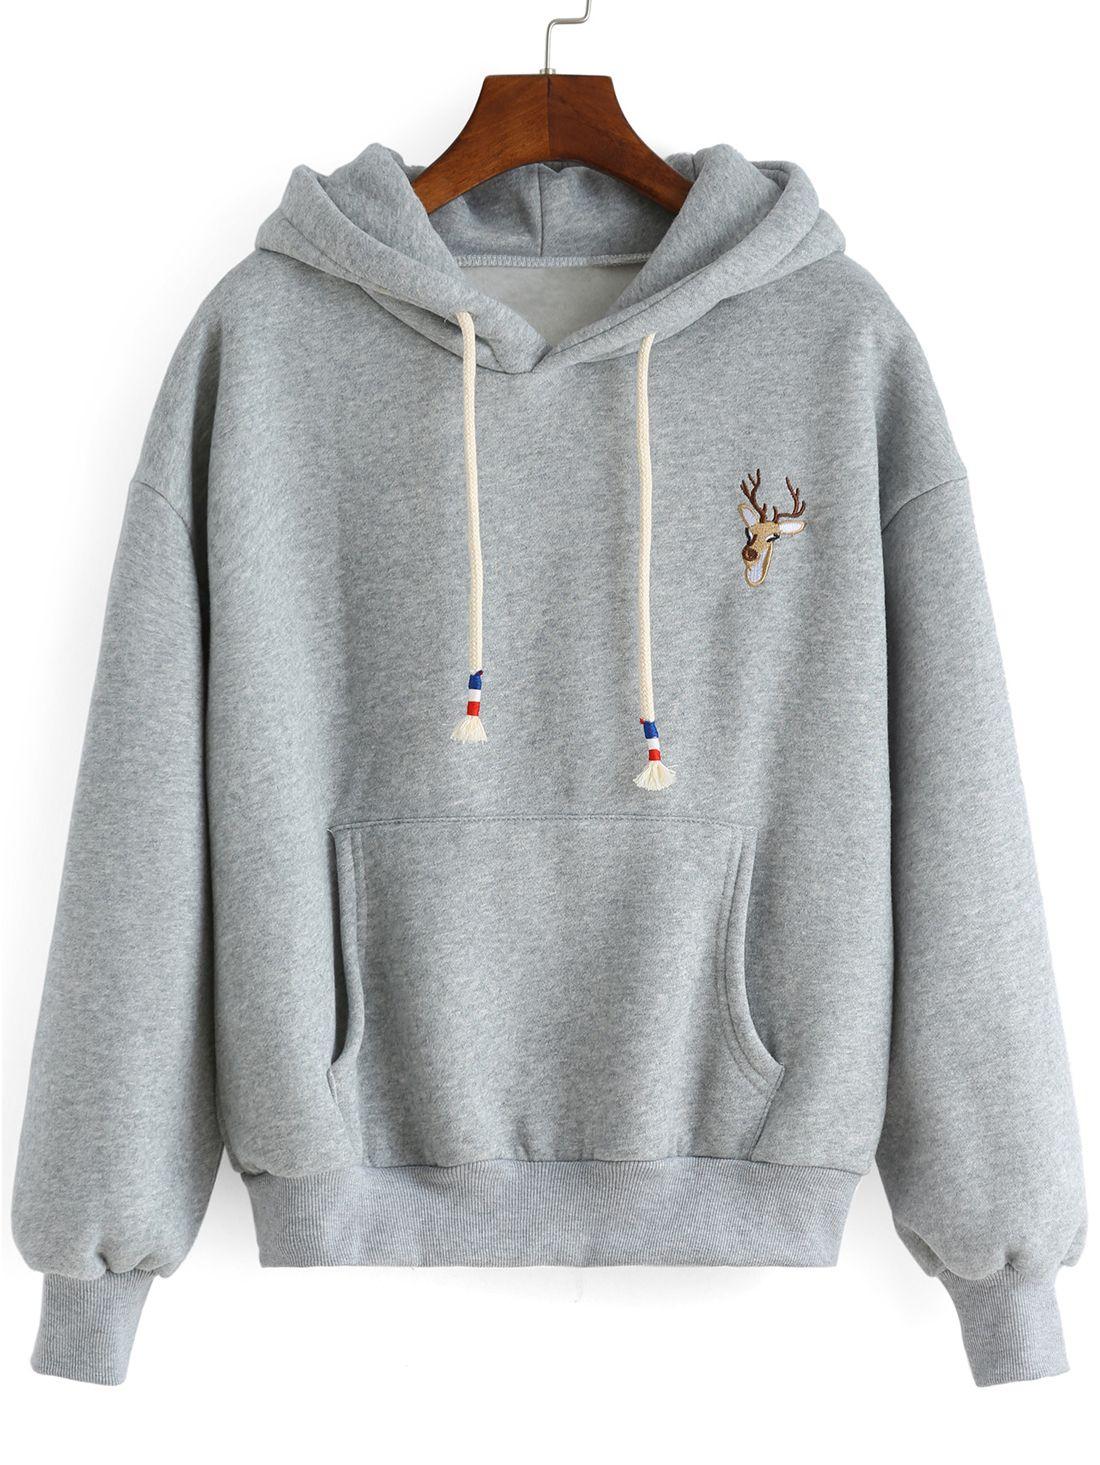 c0fdbfa39eb7b Sweat-shirt à capuche avec broderie cerf -gros 15.51   • porte ...